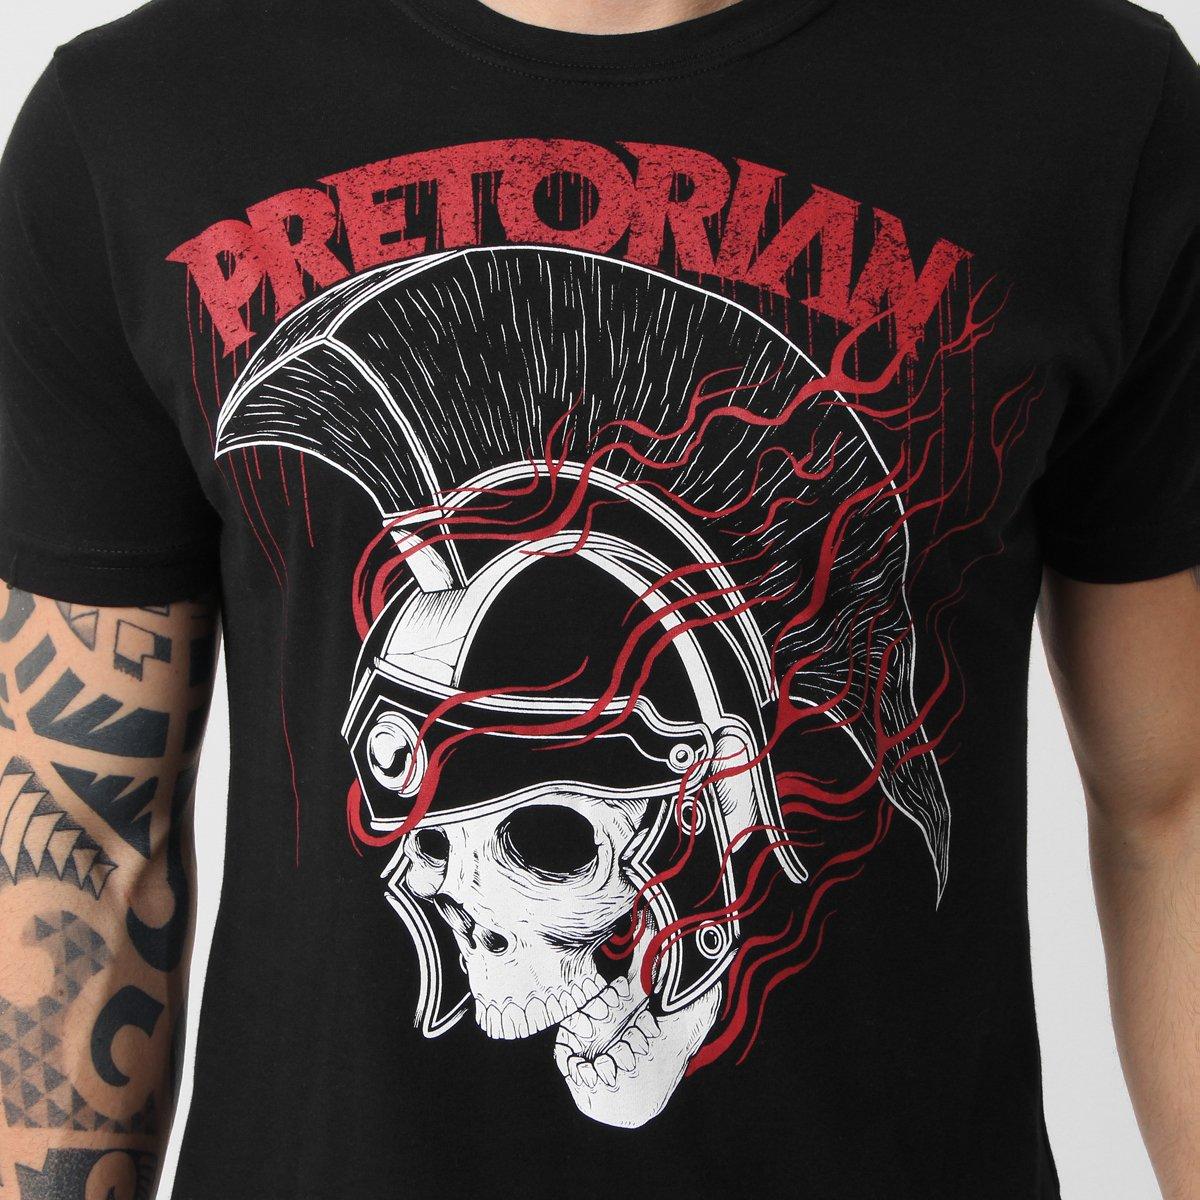 5d3148c423 ... Camiseta Pretorian Caveira  Camiseta Pretorian Caveira